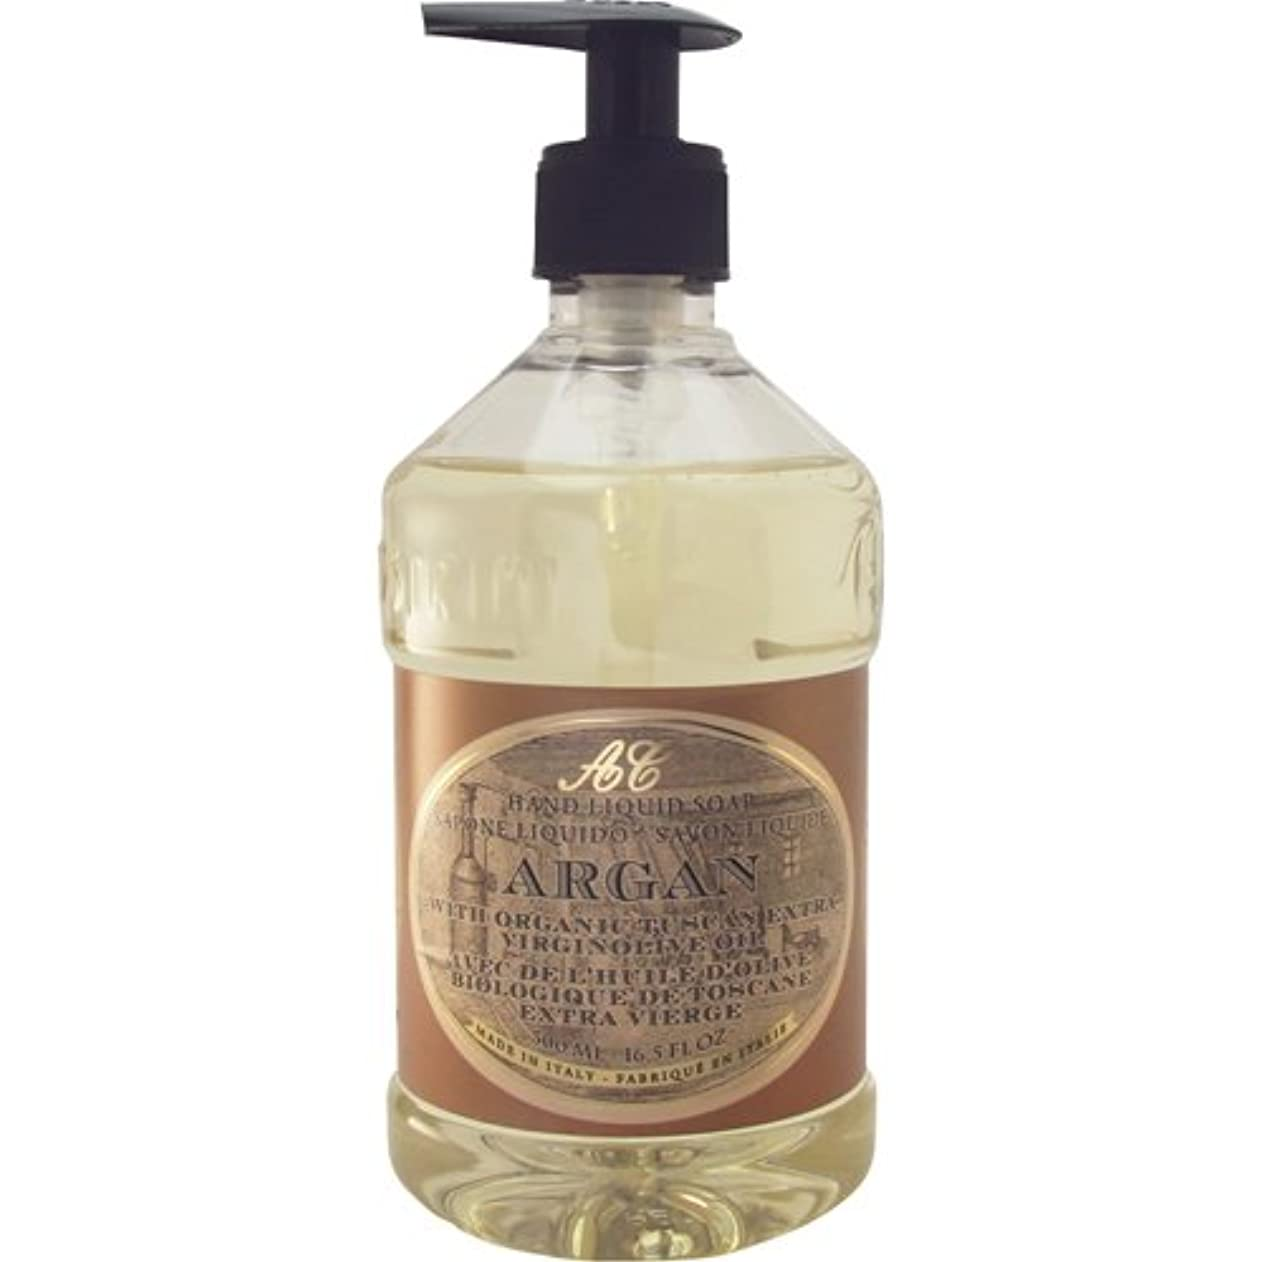 ブラケットアレルギー性囲むSaponerire Fissi レトロシリーズ Liquid Soap リキッドソープ 500ml Argan アルガンオイル